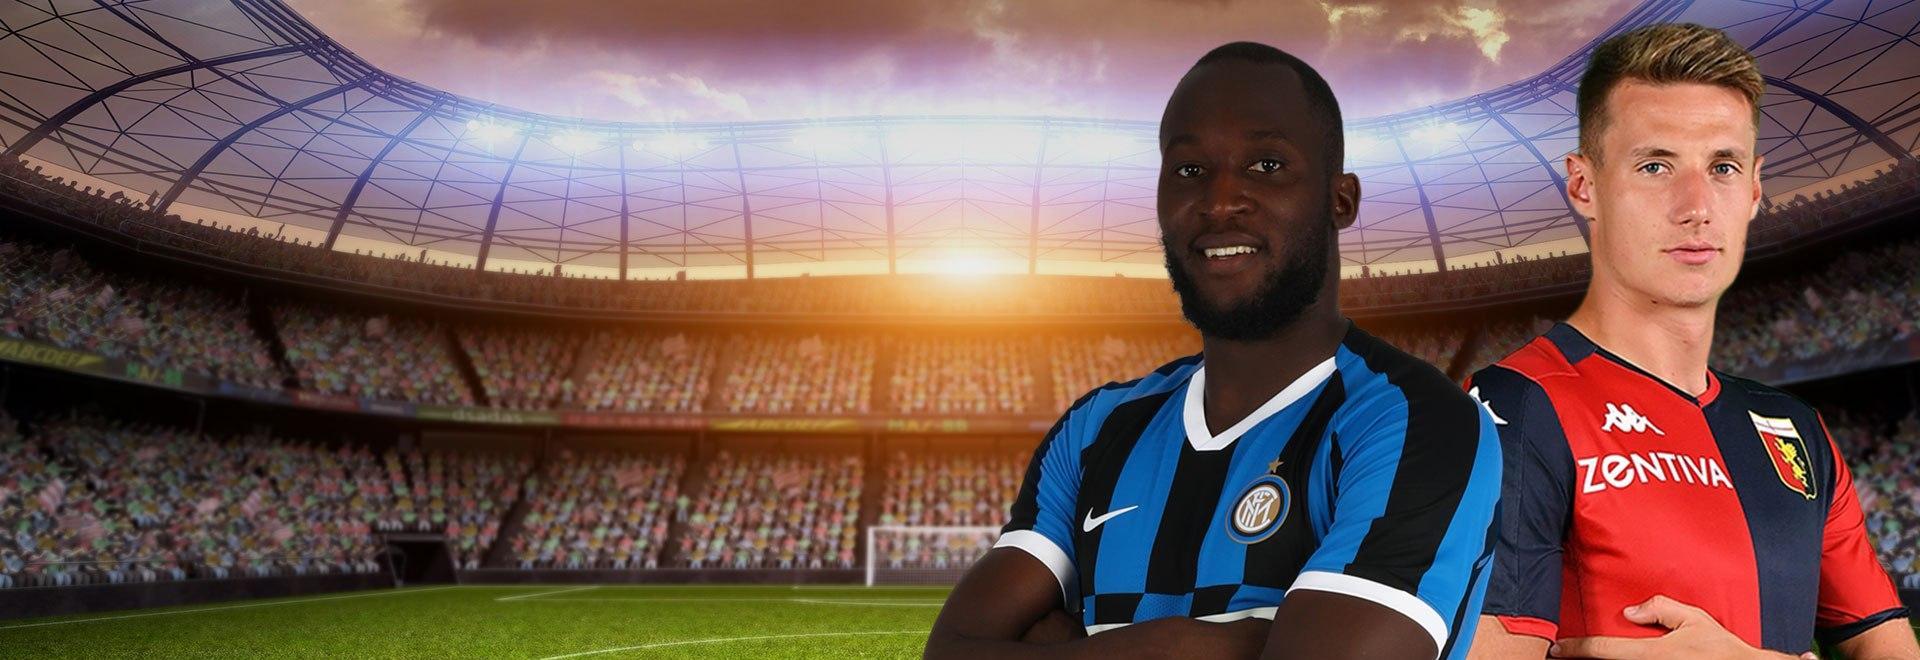 Inter - Genoa. 17a g.